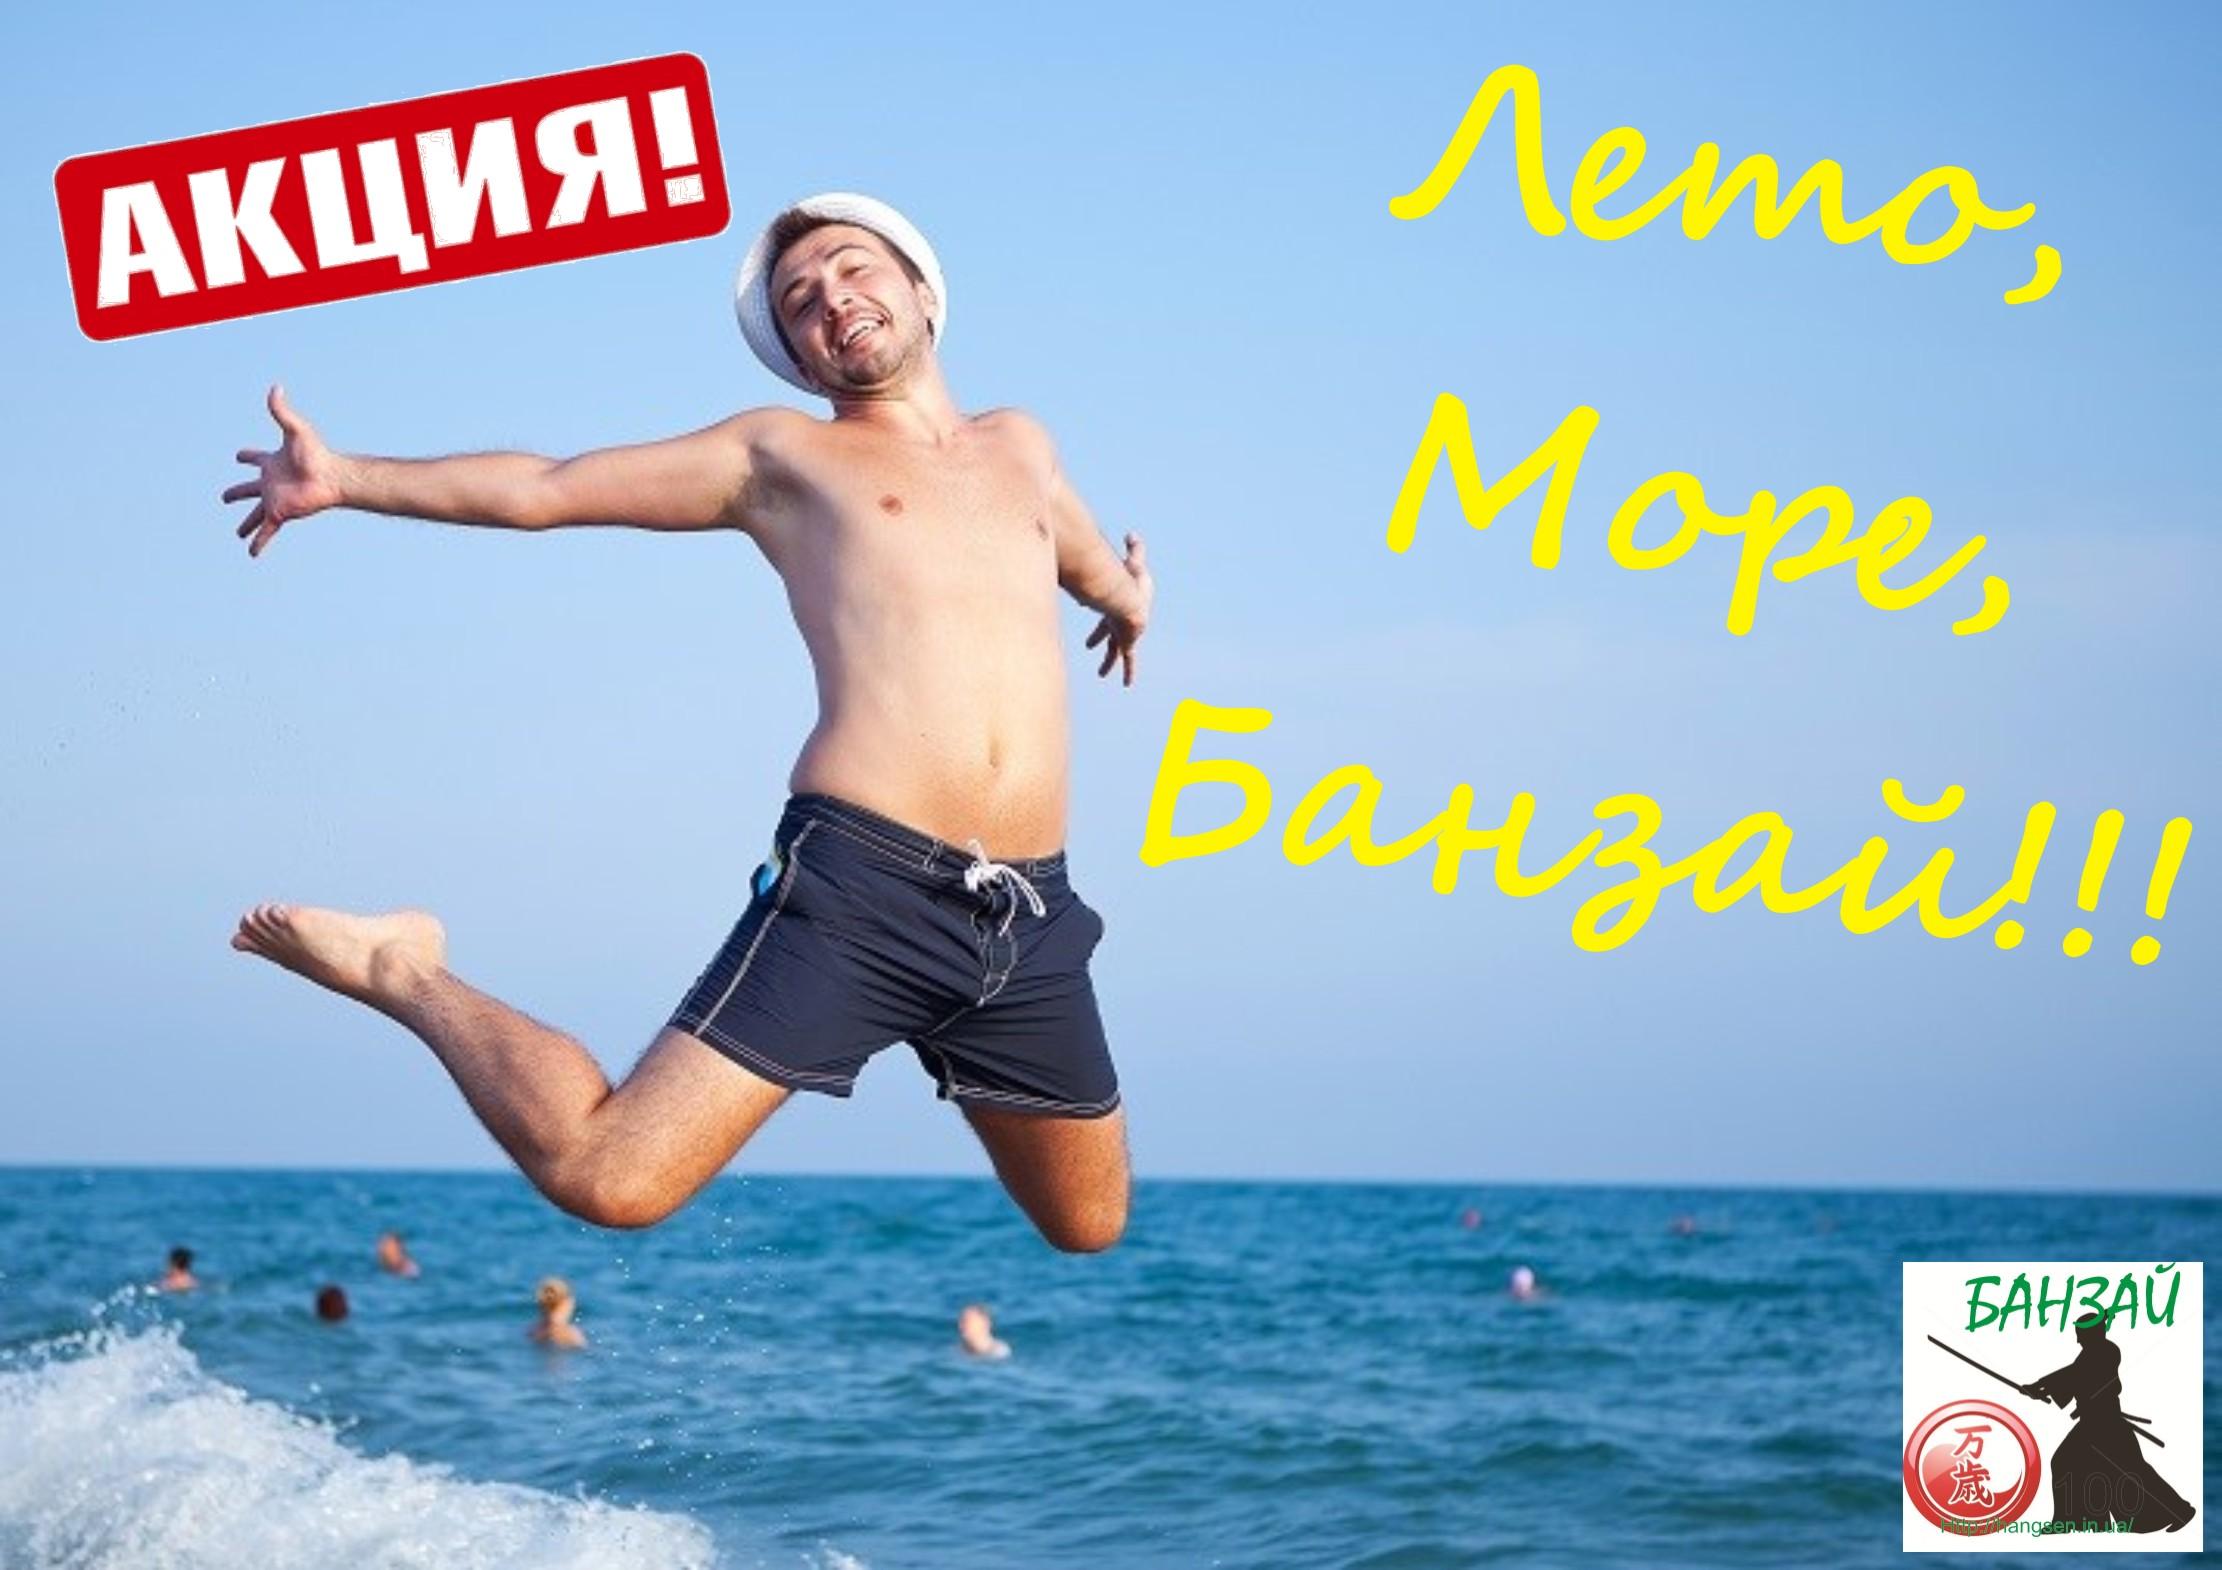 Лето море банзай 2